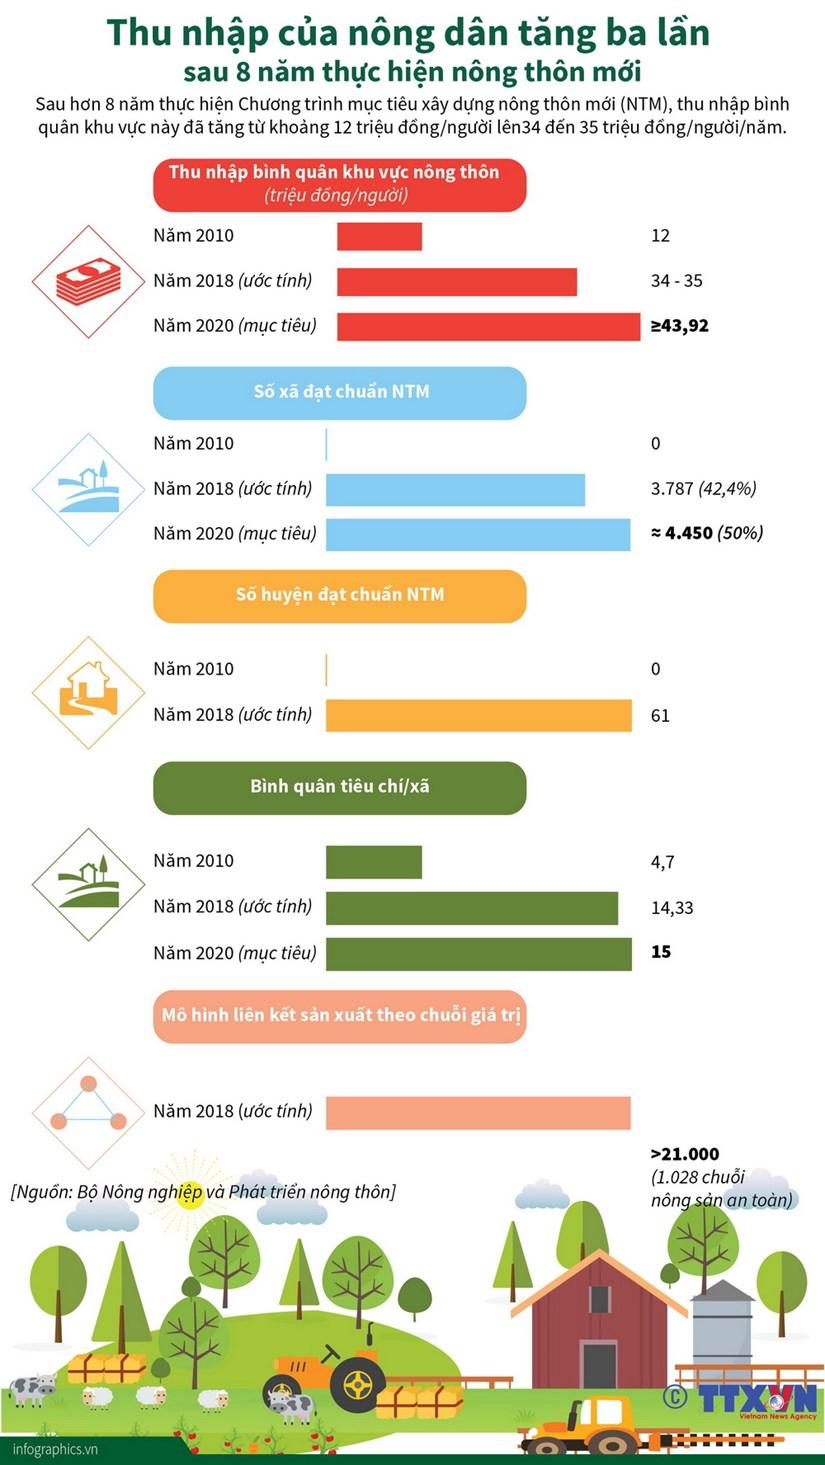 [Infographics] Thu nhap cua nong dan tang 3 lan sau 8 nam hinh anh 1